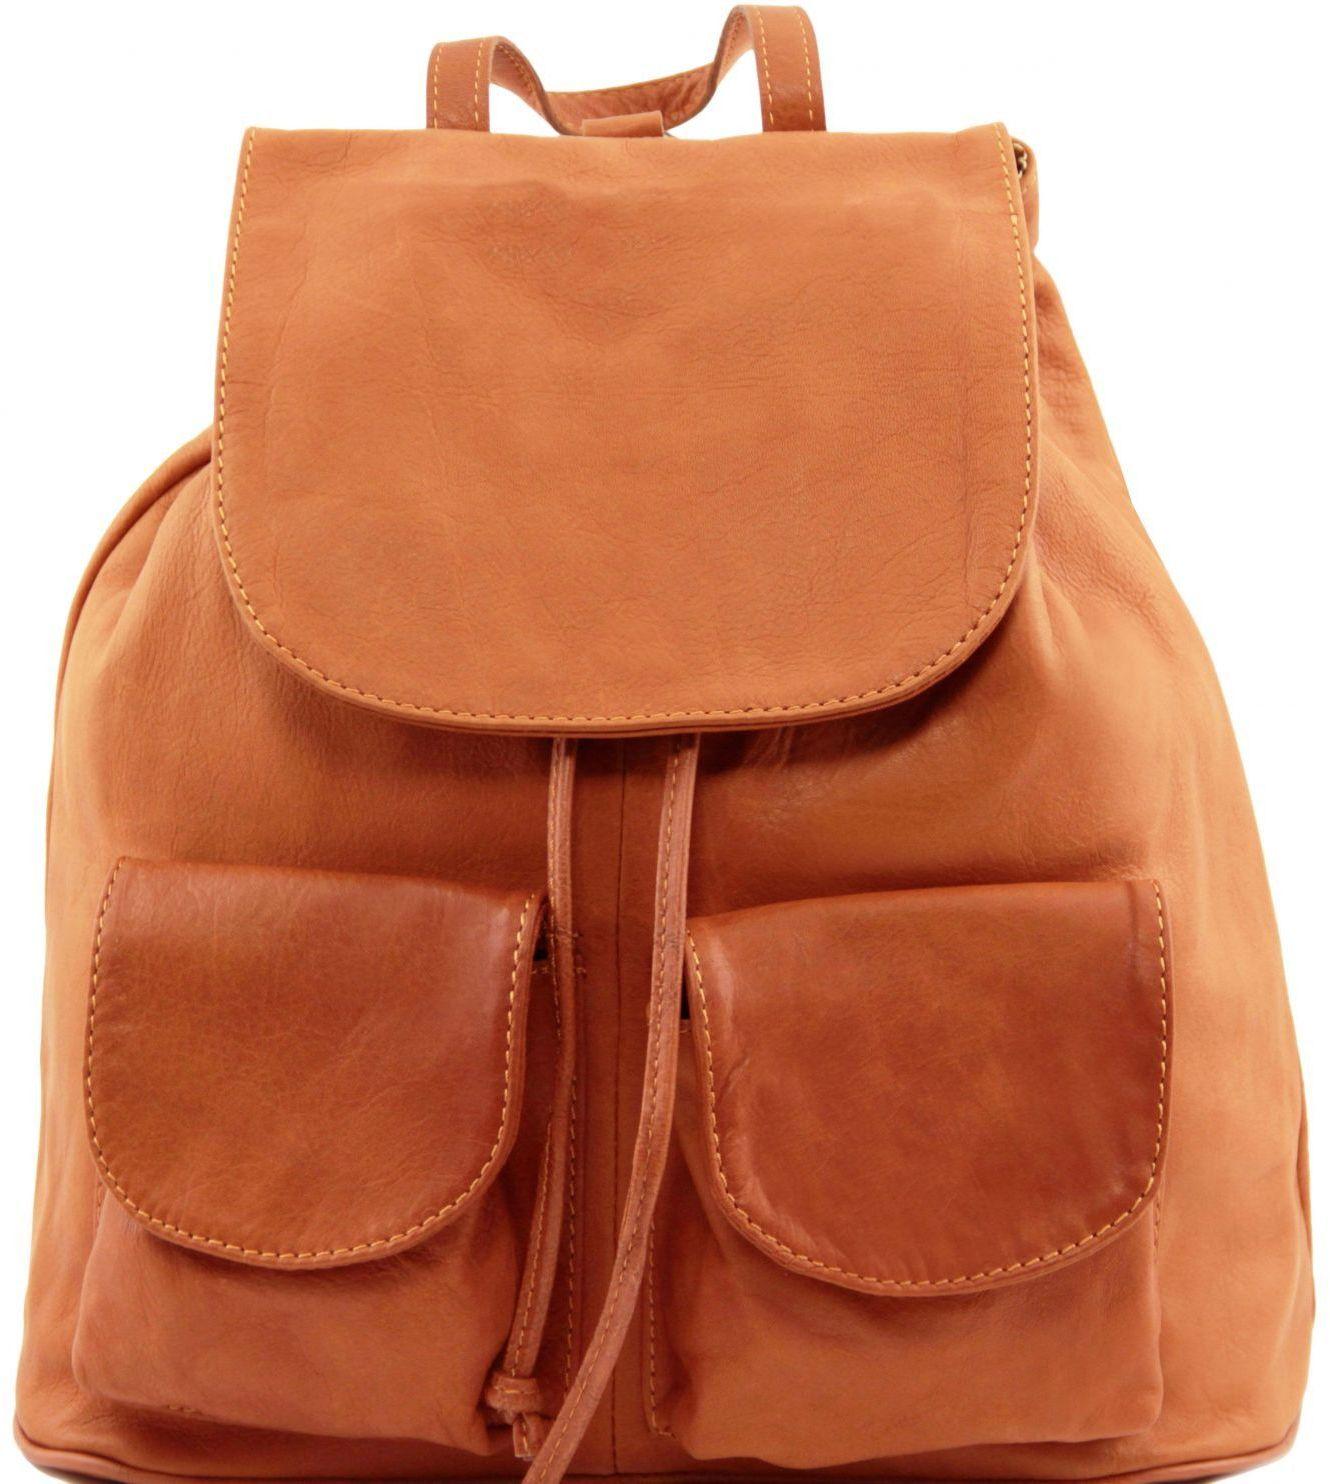 Γυναικεία Τσάντα Δερμάτινη Seoul S Κονιάκ Tuscany Leather γυναίκα   τσάντες πλάτης